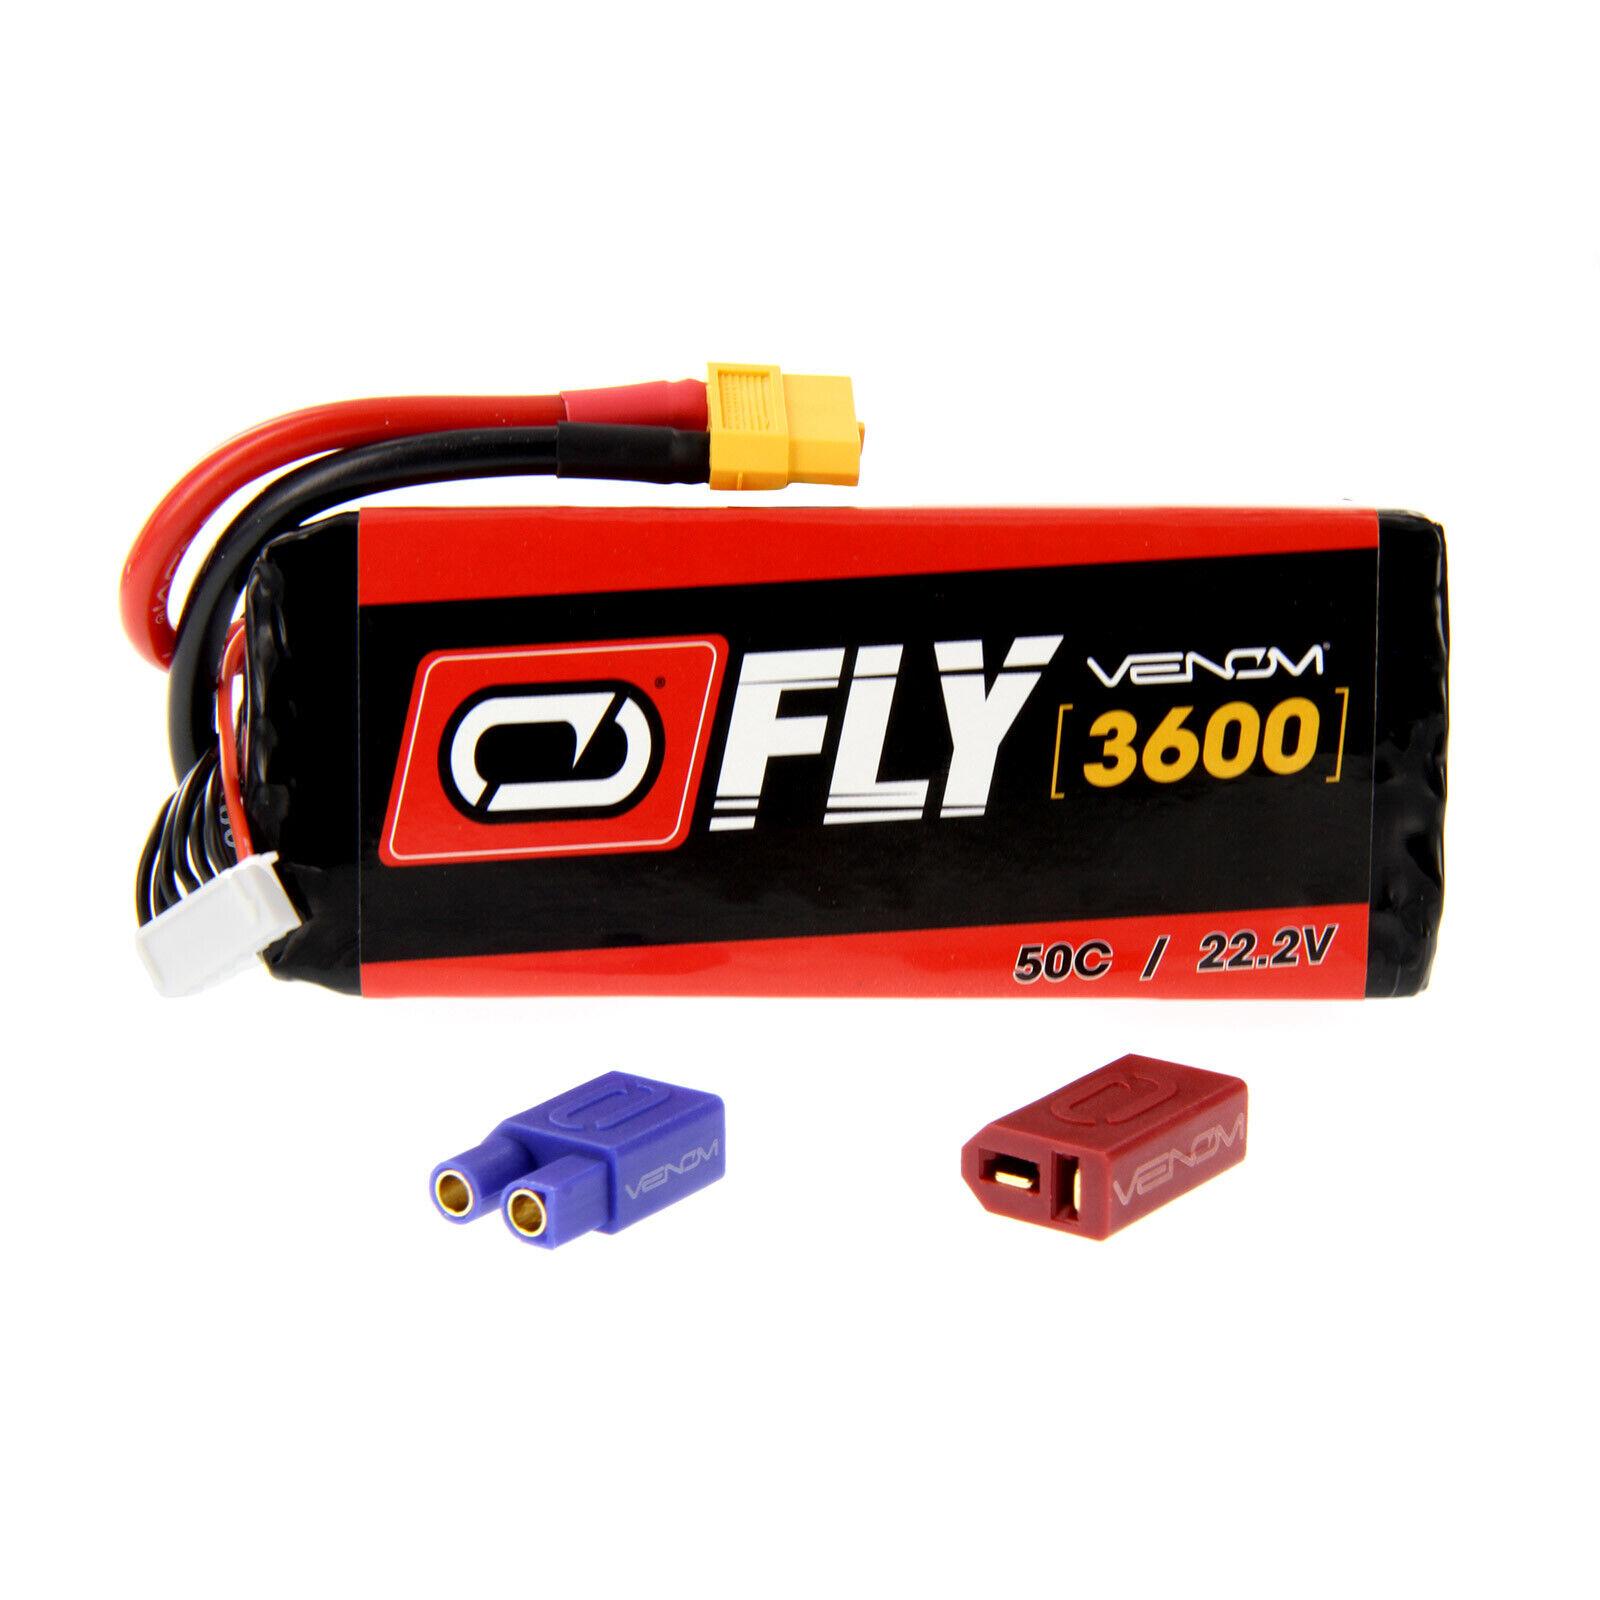 Great planes bautizar Eagle GP EP 50C 6S 3600mAh 22.2V Batería Lipo por Venom